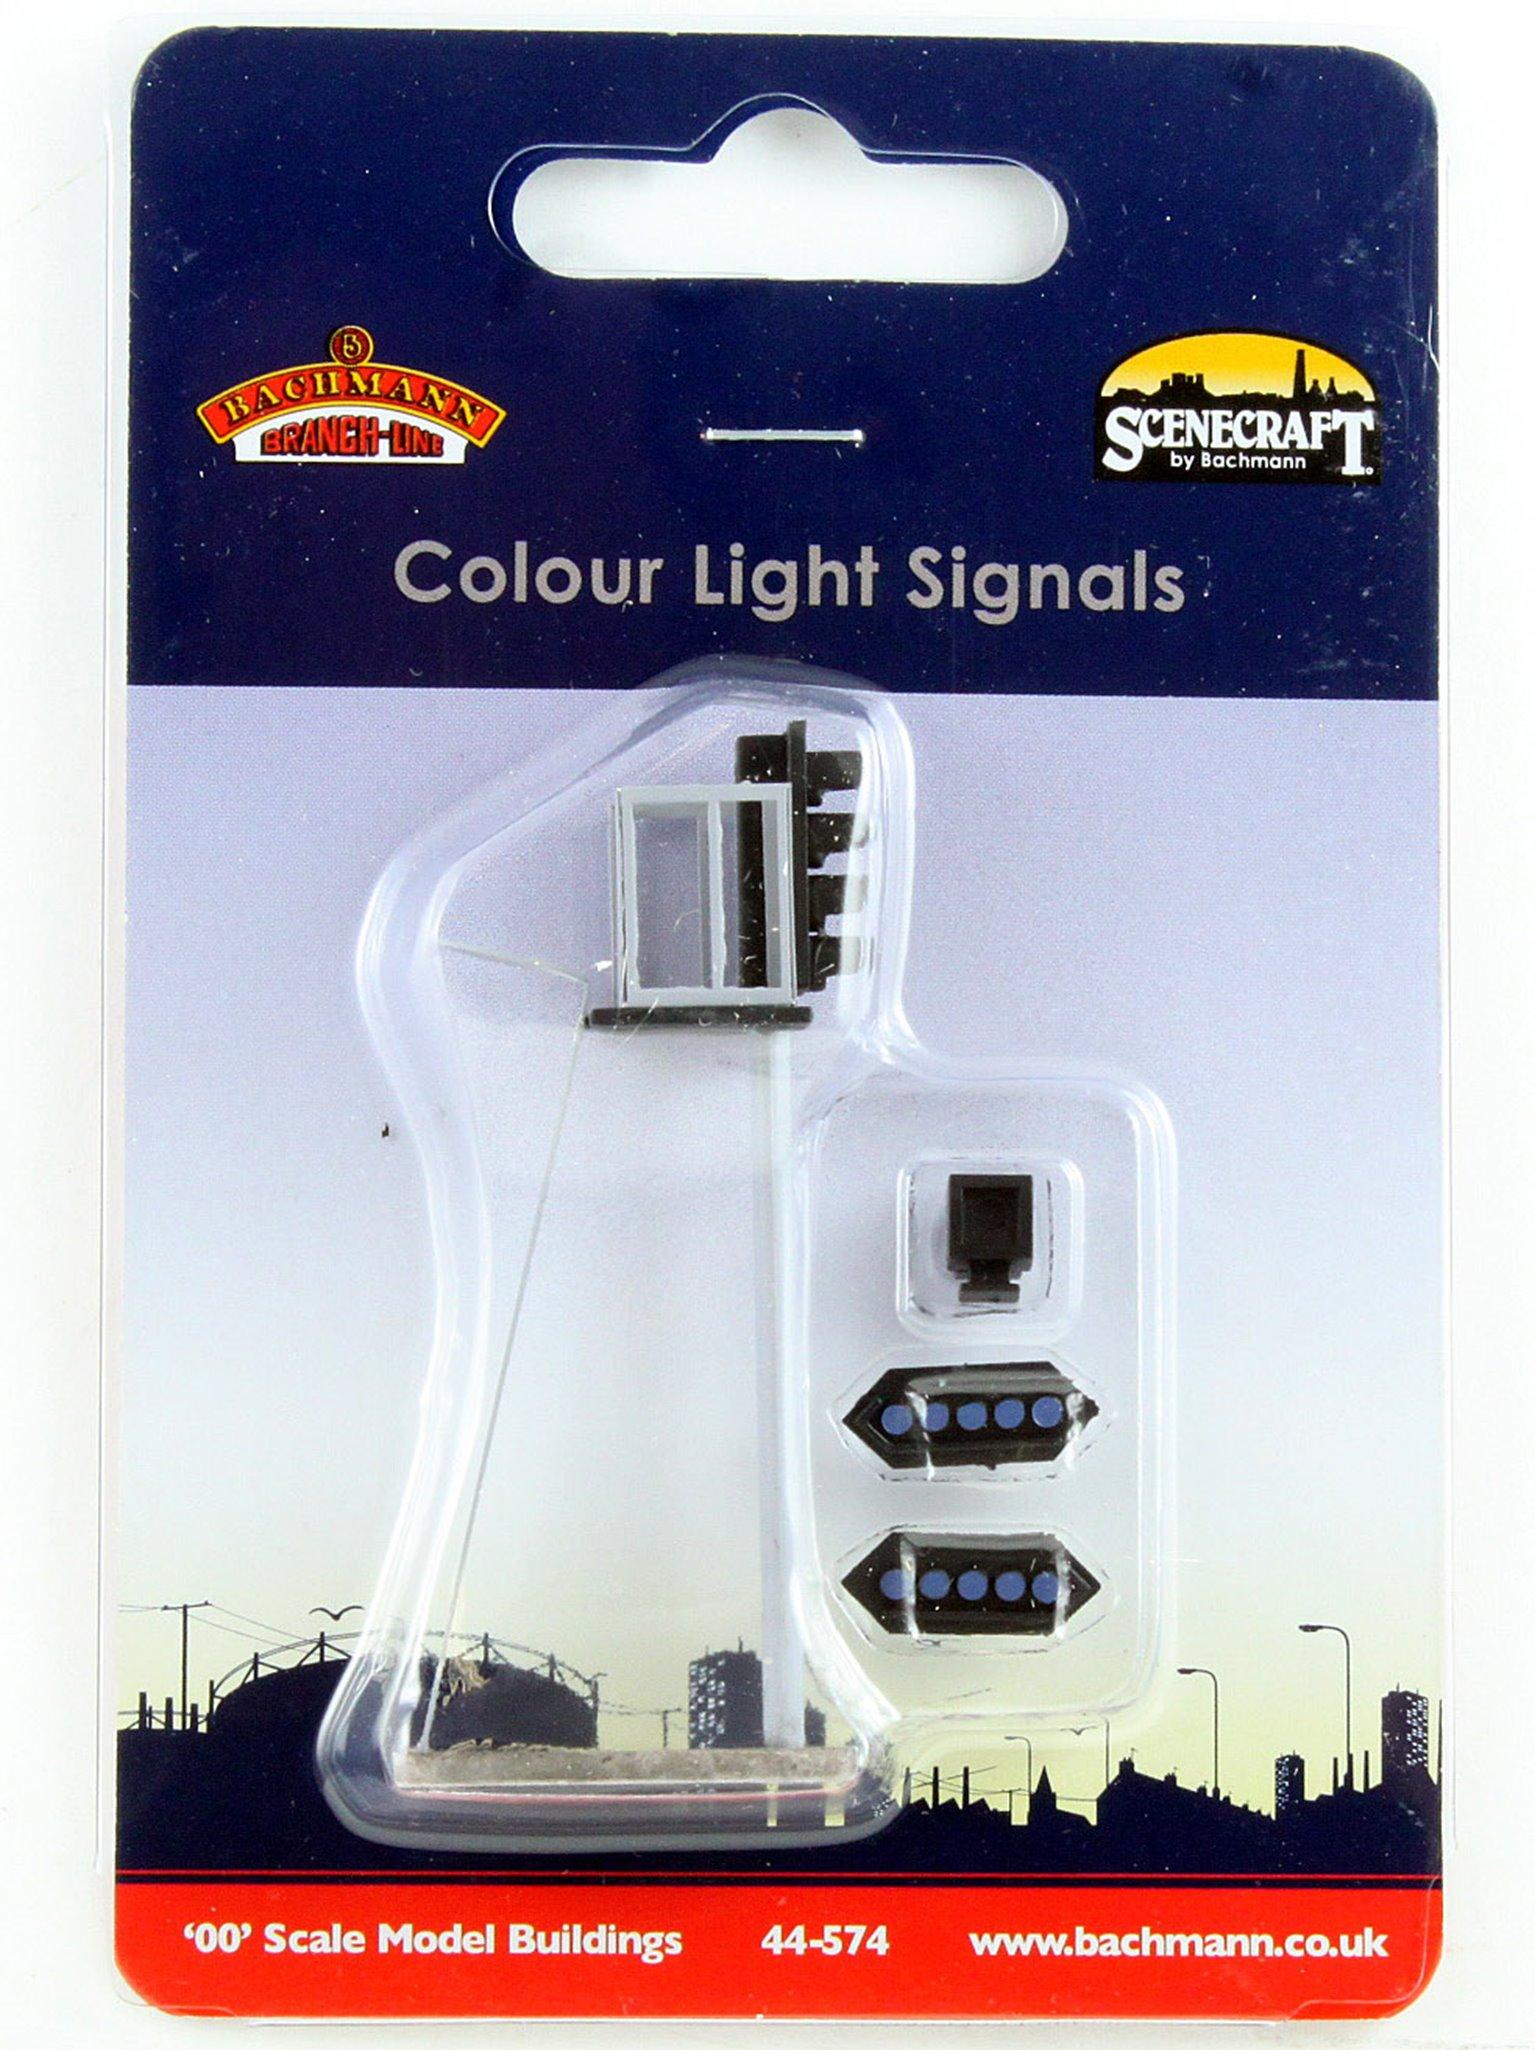 Colour Light Signals